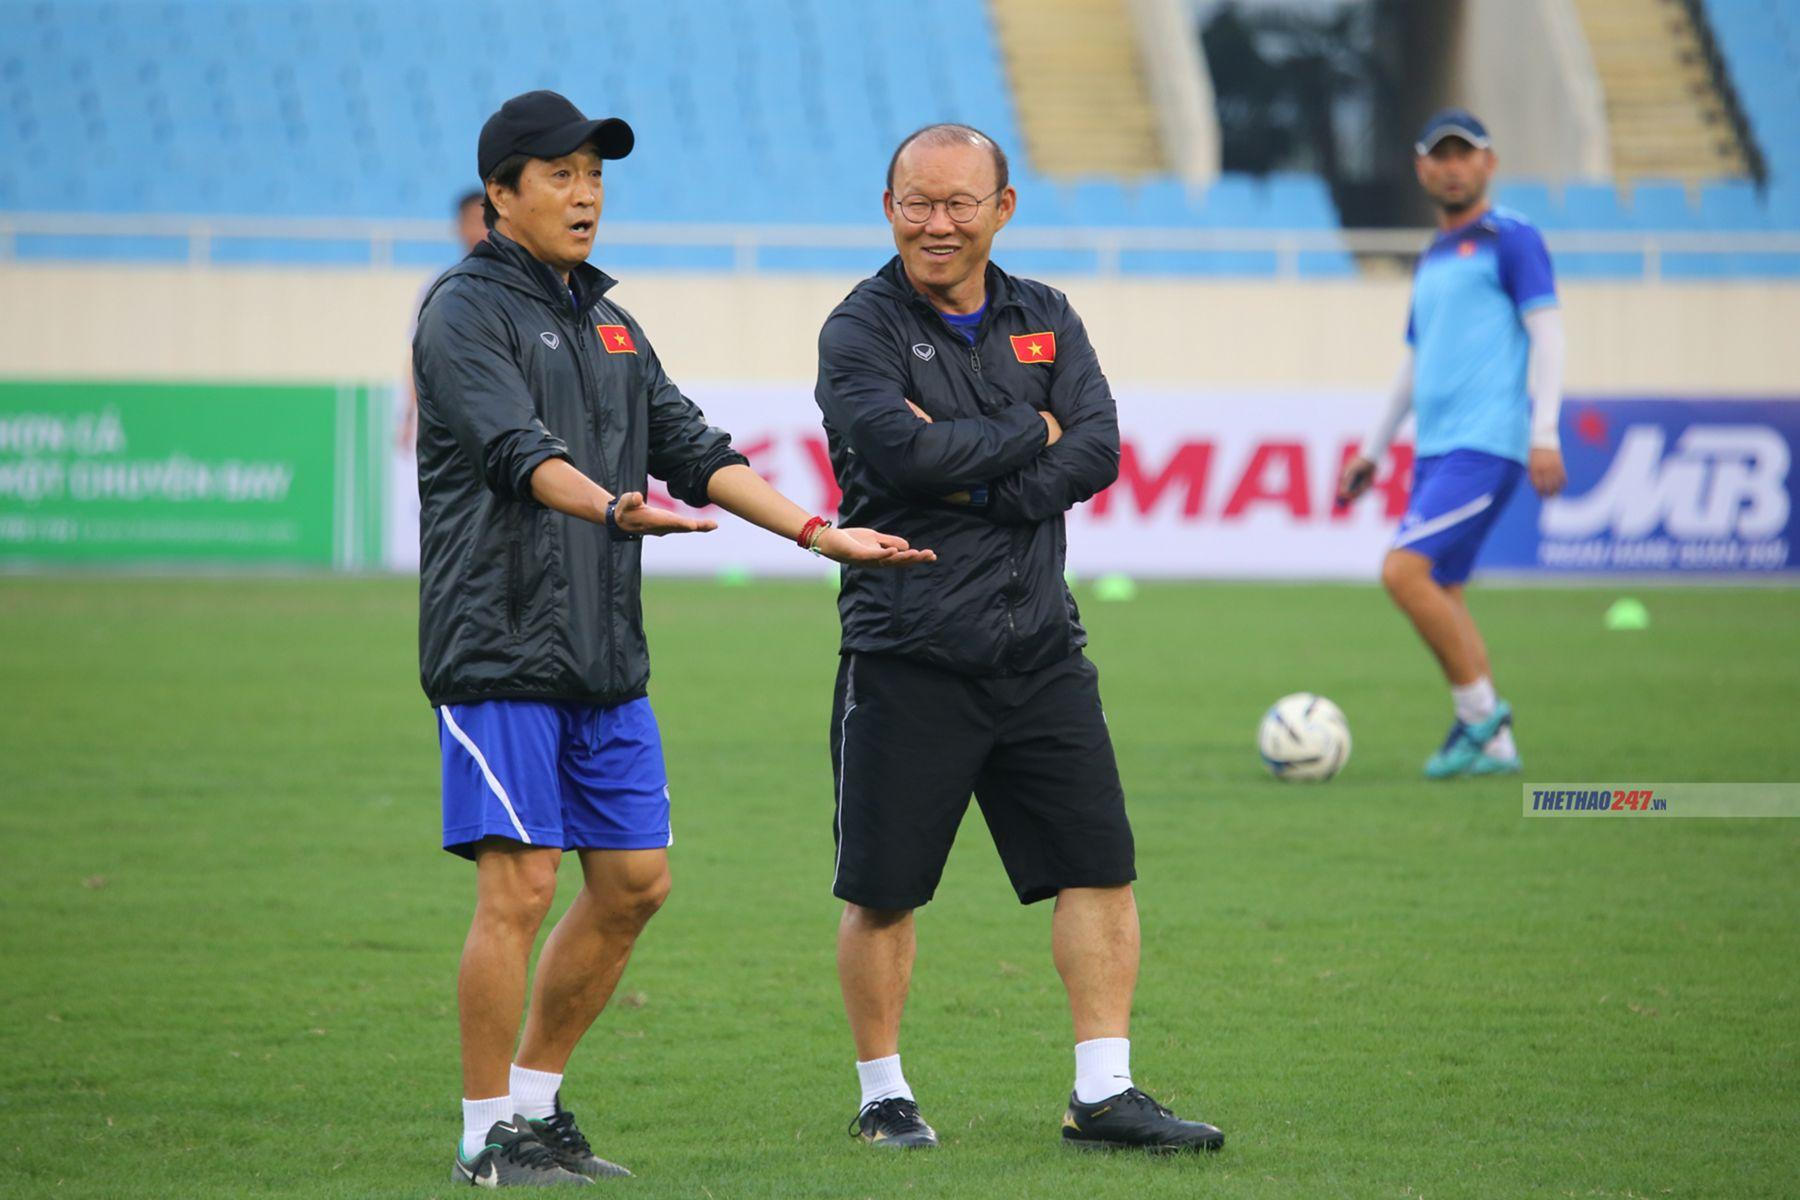 HLV Park Hang-seo muốn tuyển thêm trợ lý để chuẩn bị cho King's Cup